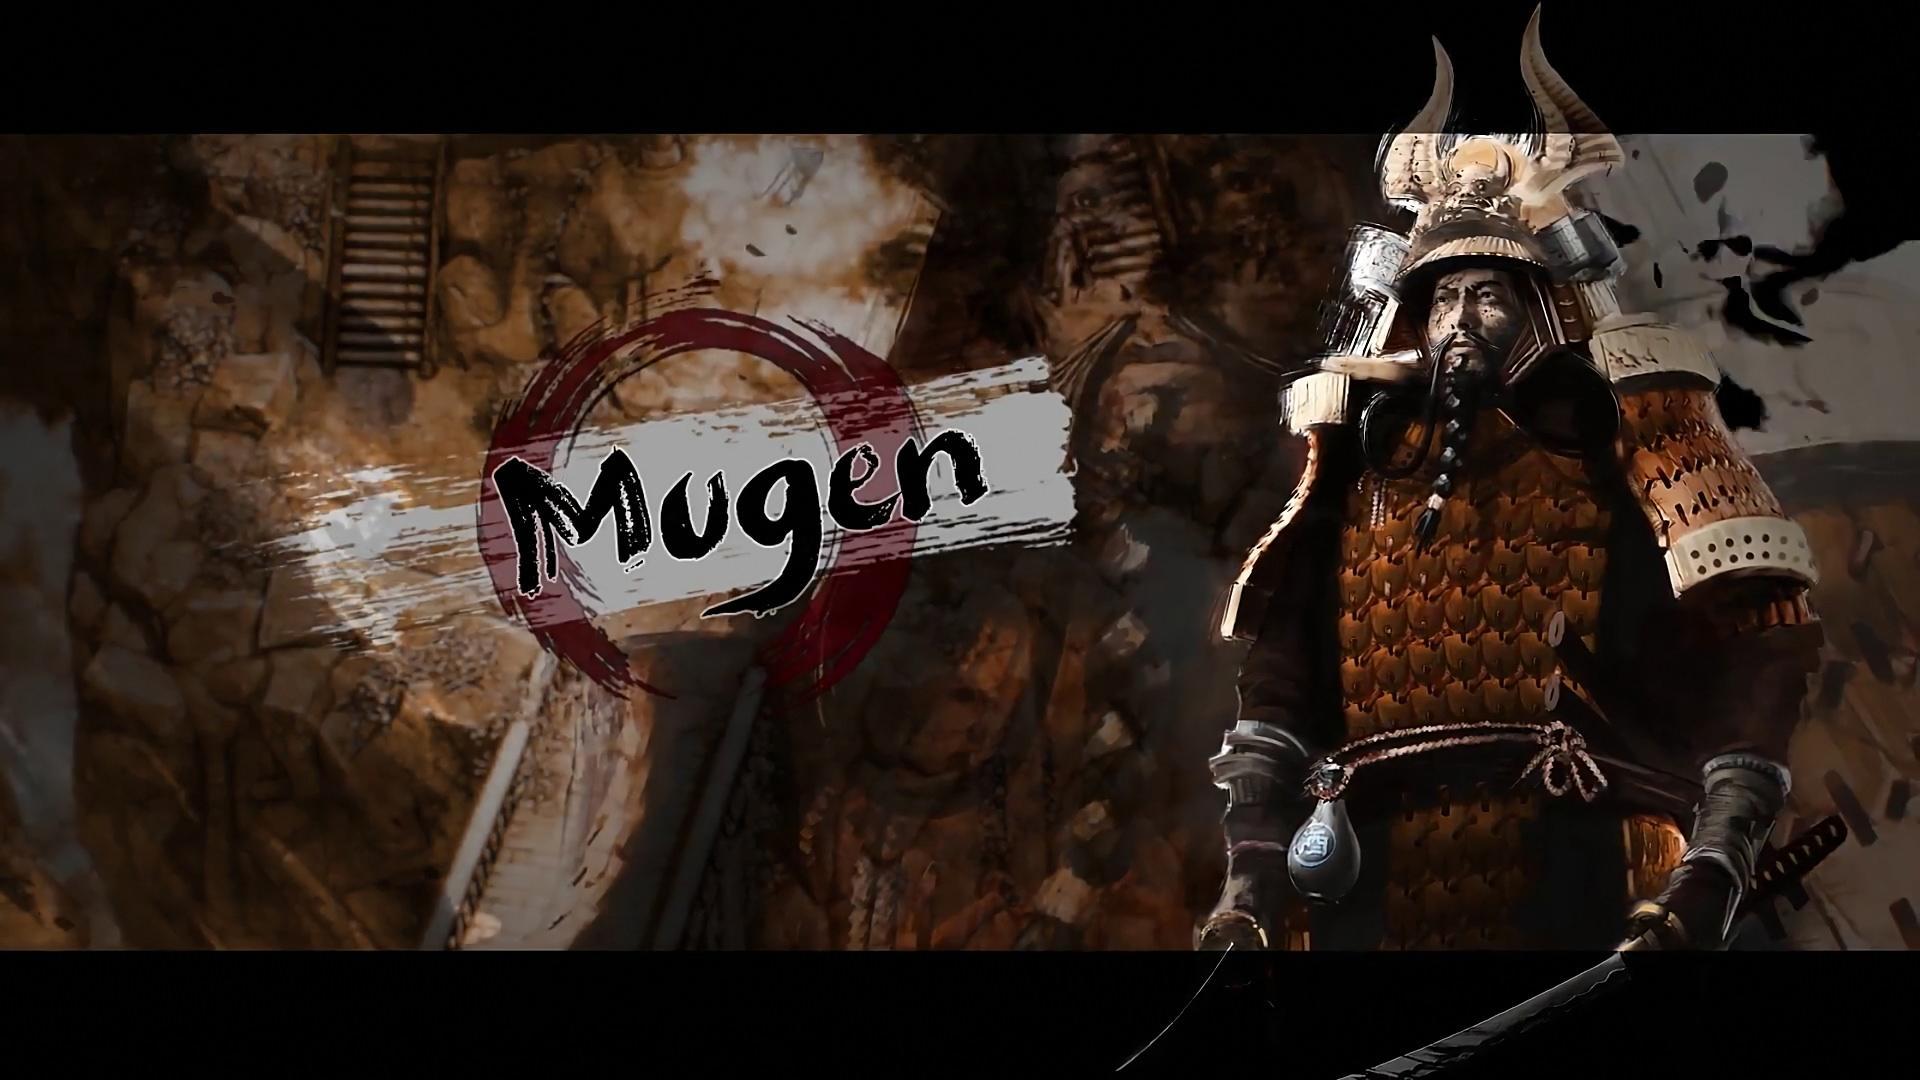 Total War Shogun 2 Fall Of The Samurai Wallpaper Hd Shogun Wallpapers Top Free Shogun Backgrounds